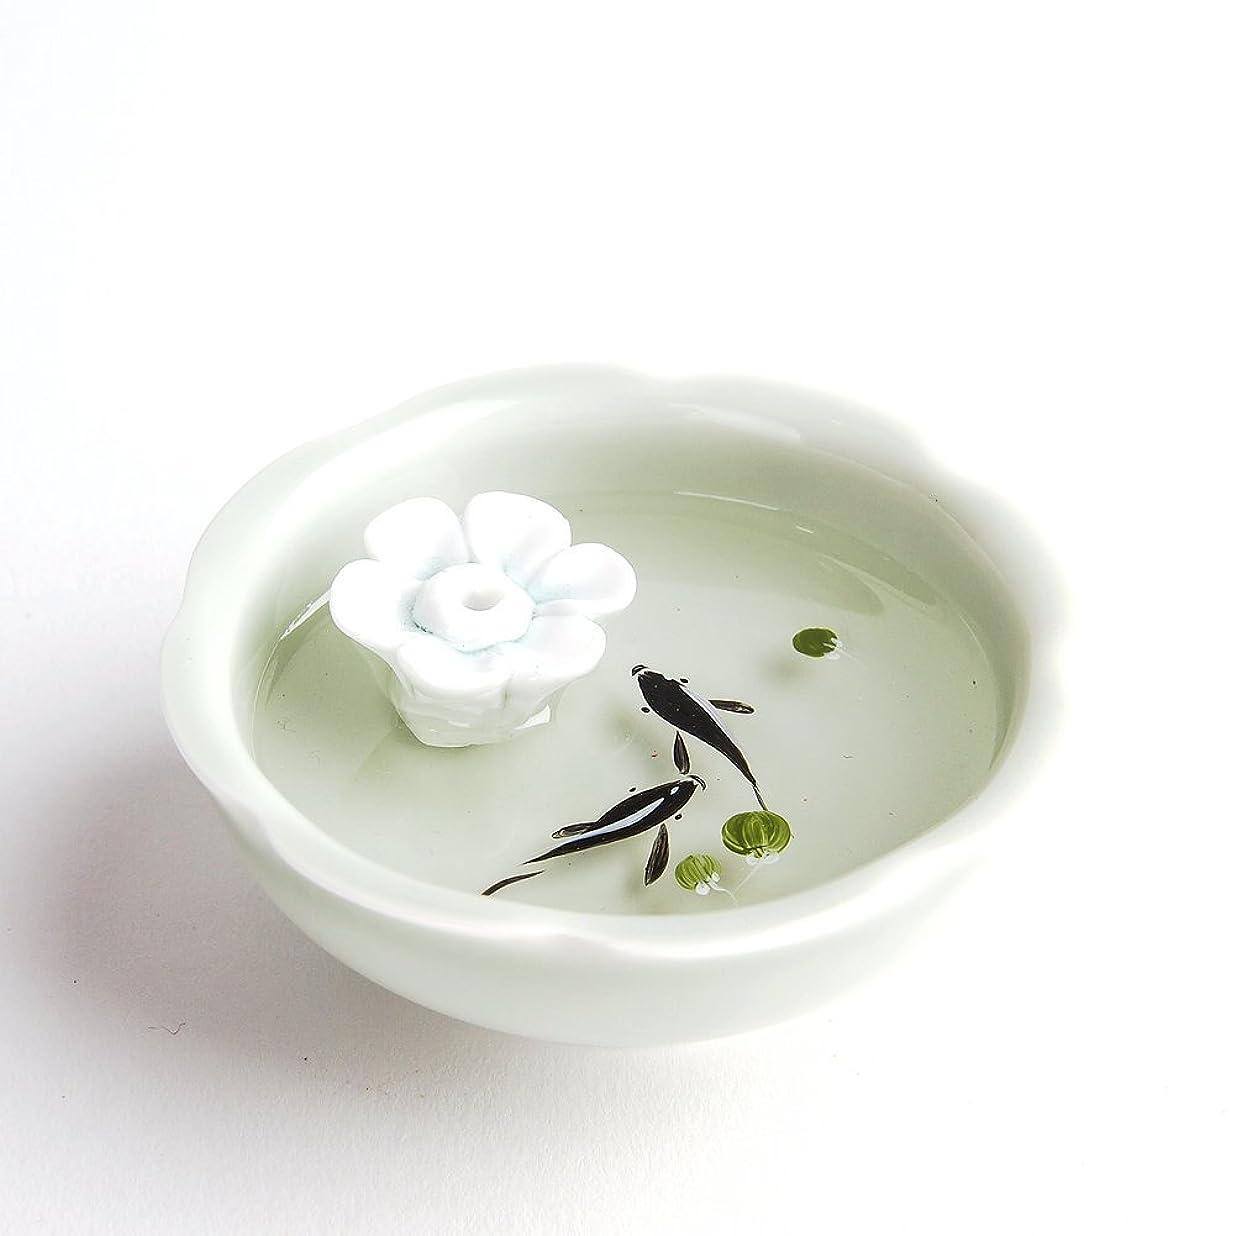 支配的気づかない振動させるお香立て お香たて 香の器 お香を焚いて 香皿,陶磁器、白